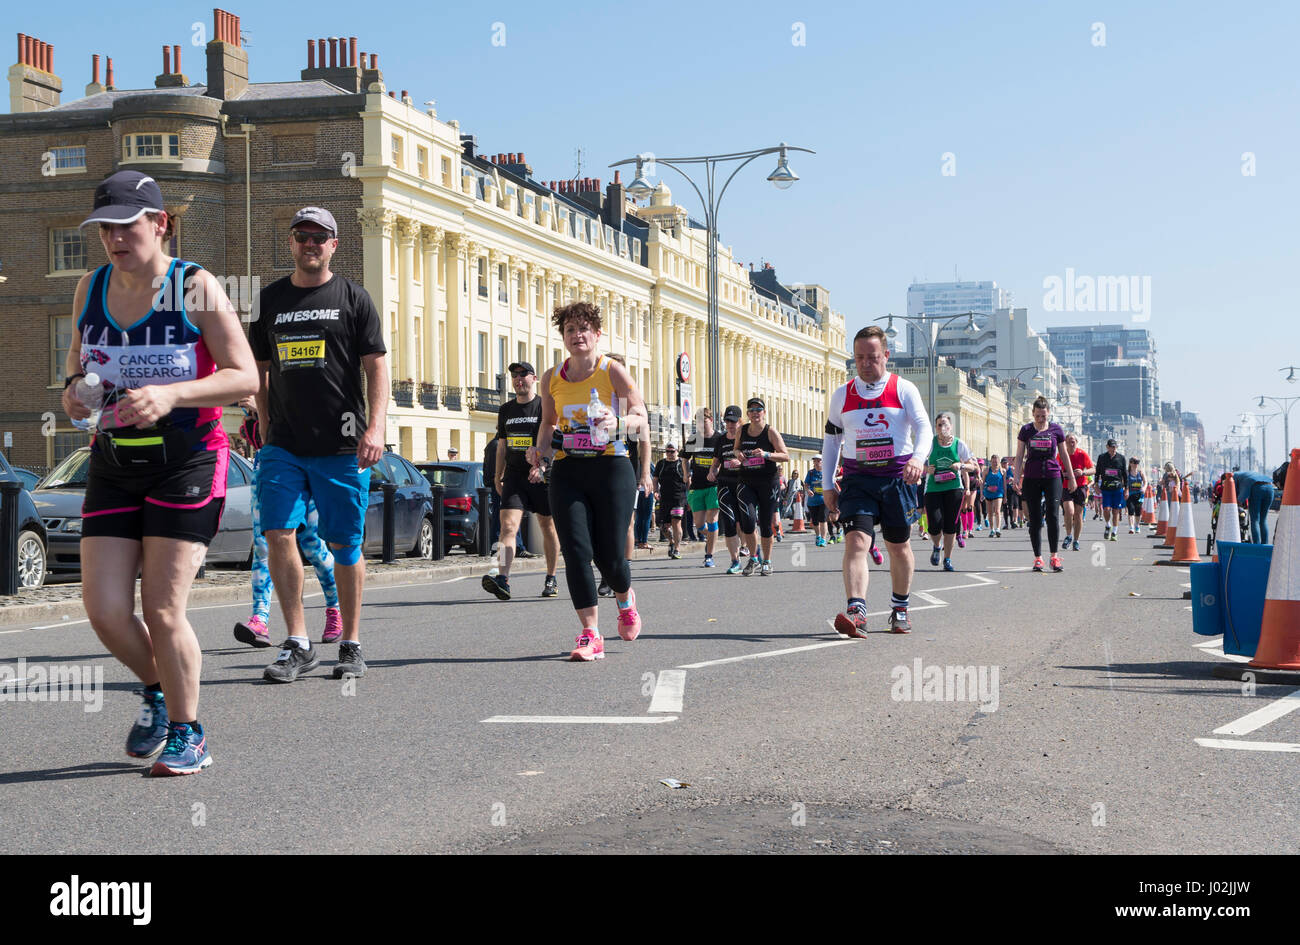 Brighton, UK. 9. April 2017. Tausende von Menschen trotzten die Hitze am heißesten Tag des Jahres bis jetzt Stockbild